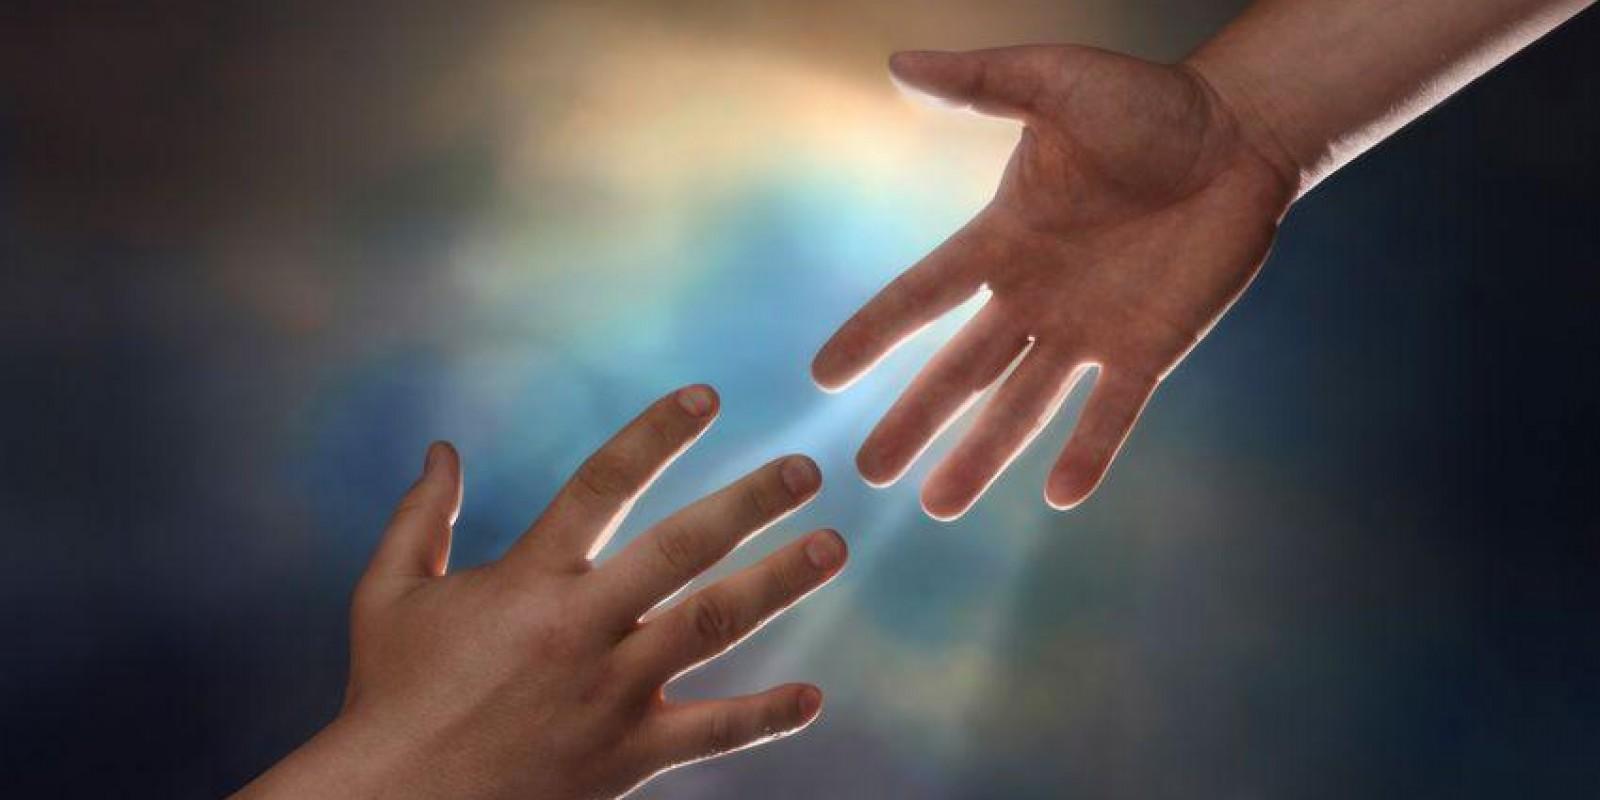 Muitos que precisam da tua ajuda virão até você quando assim pedires e buscares